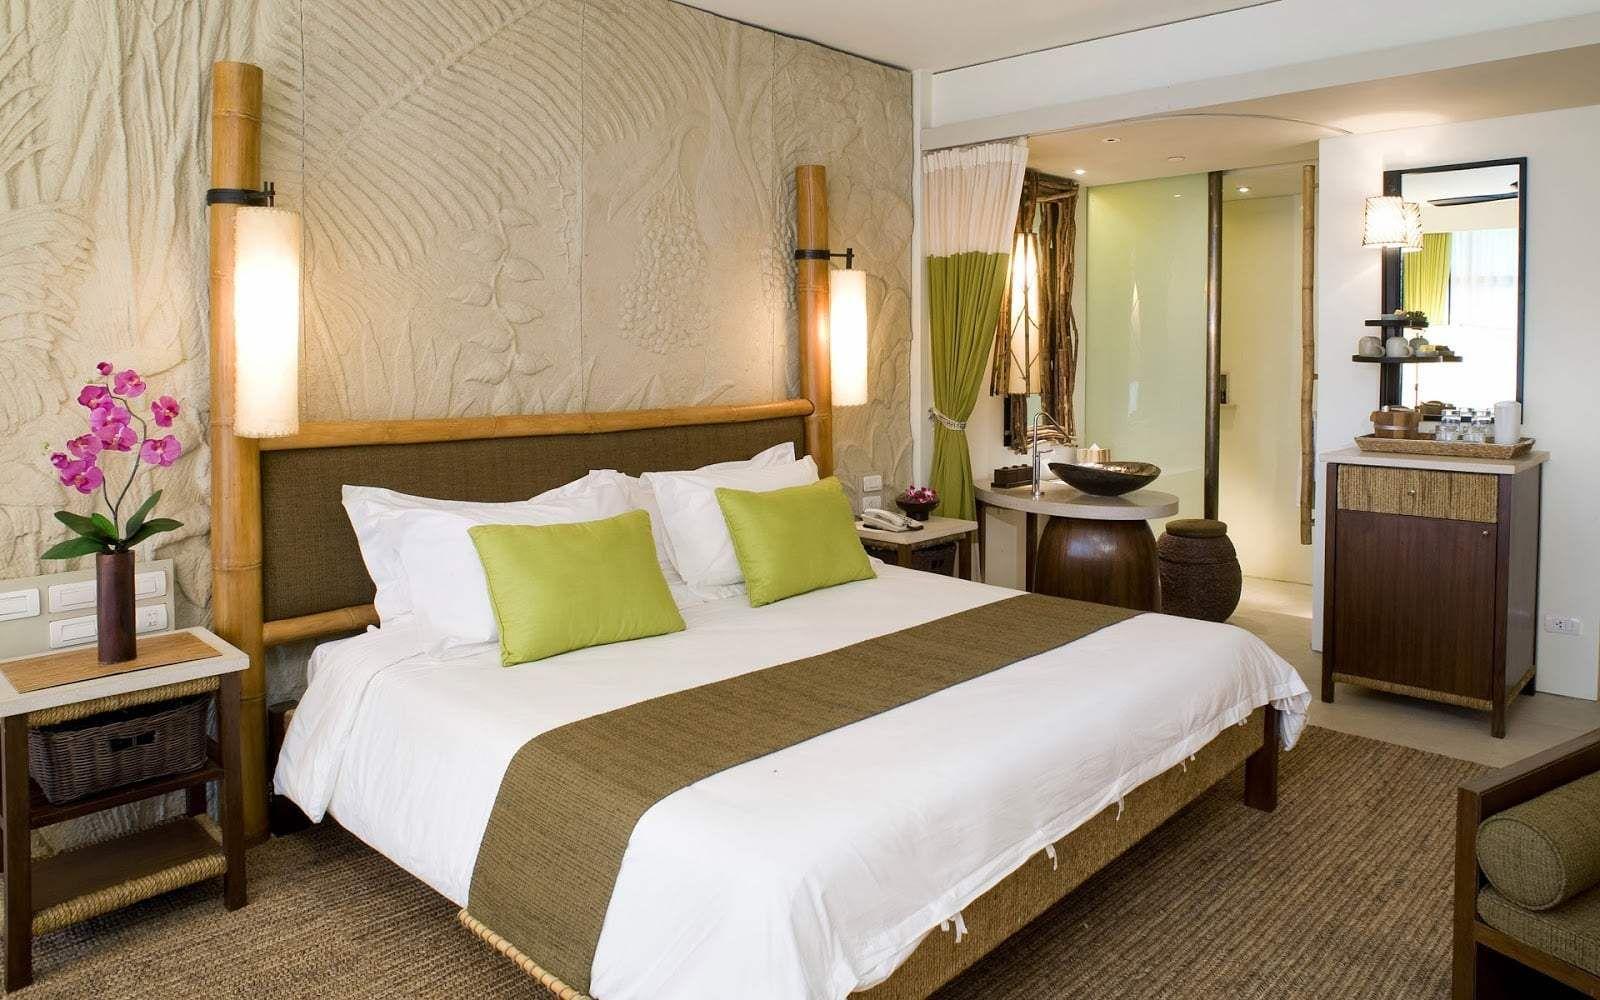 Pin On Wikana Architects Pretty dubs master bedroom